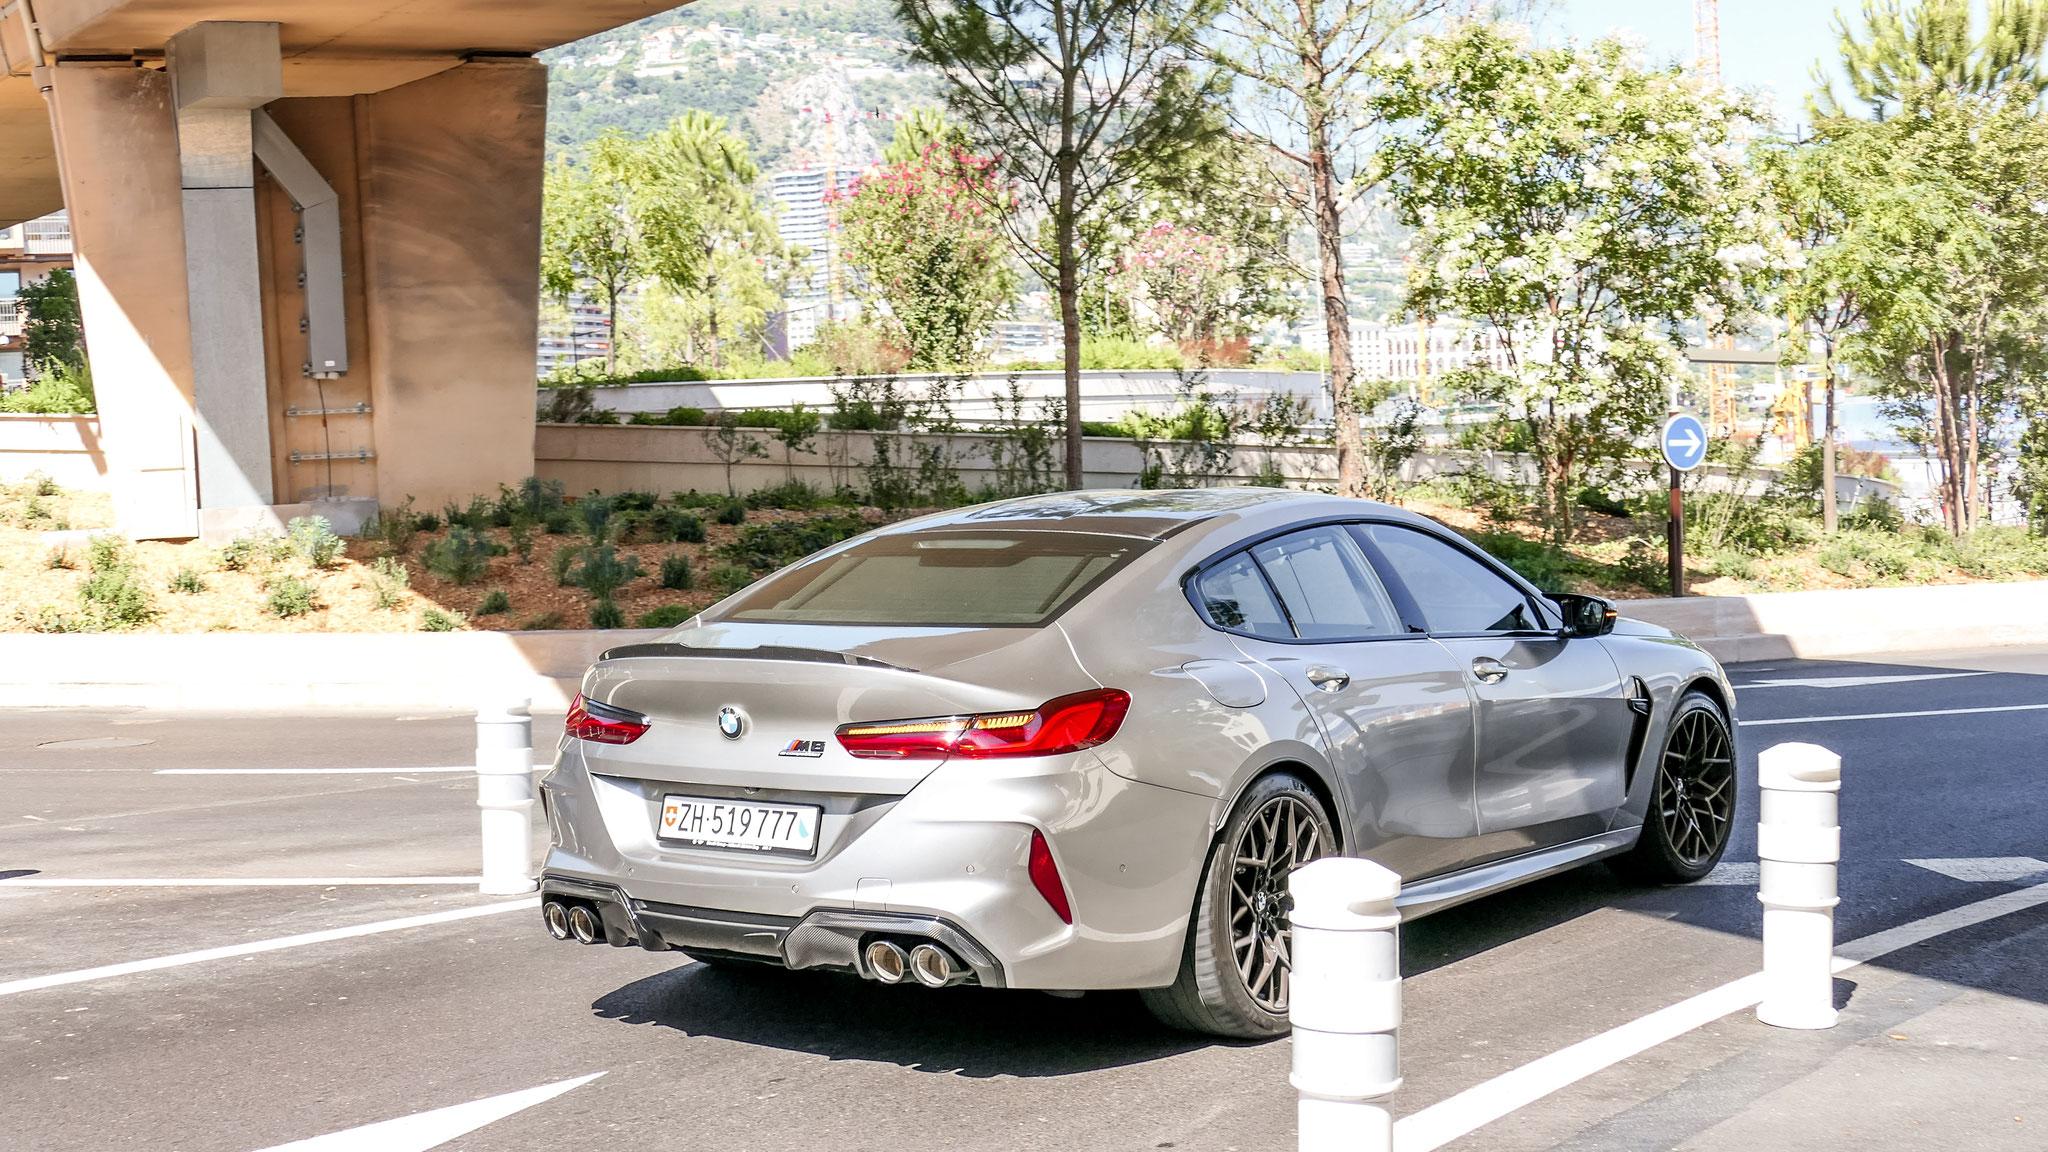 BMW M8 Competition Gran Coupé - ZH-519777 (CH)